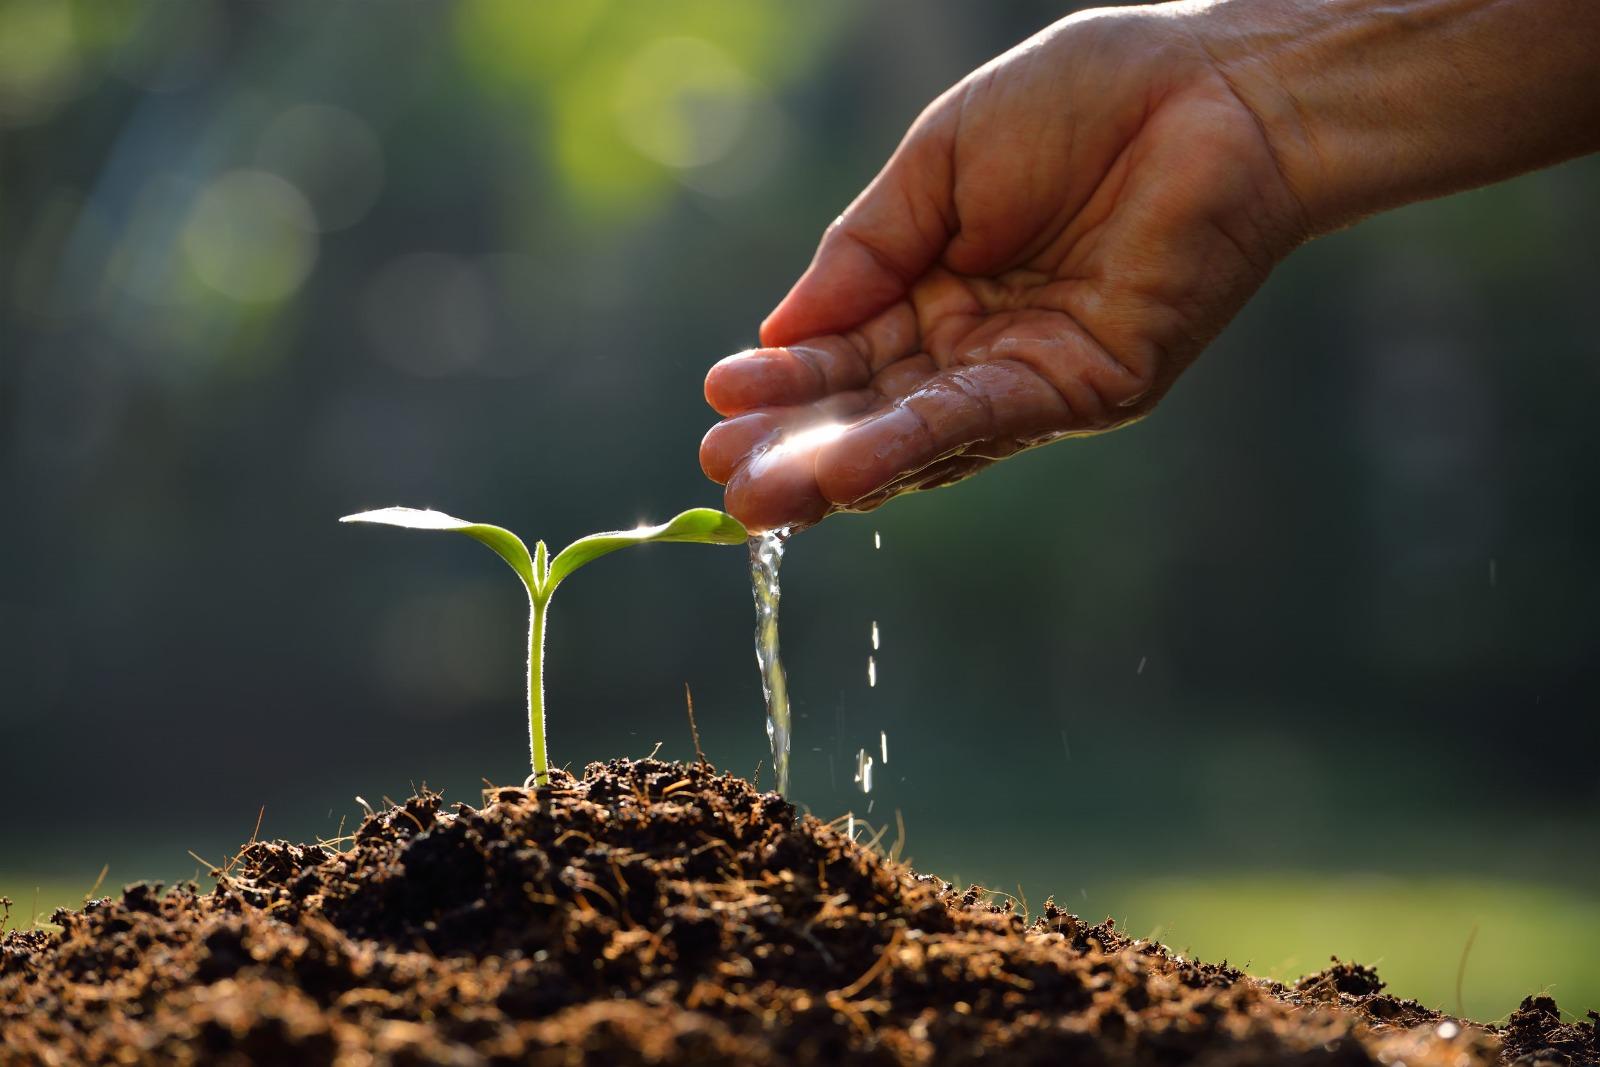 Eine Pflanze wächst aus dem Boden